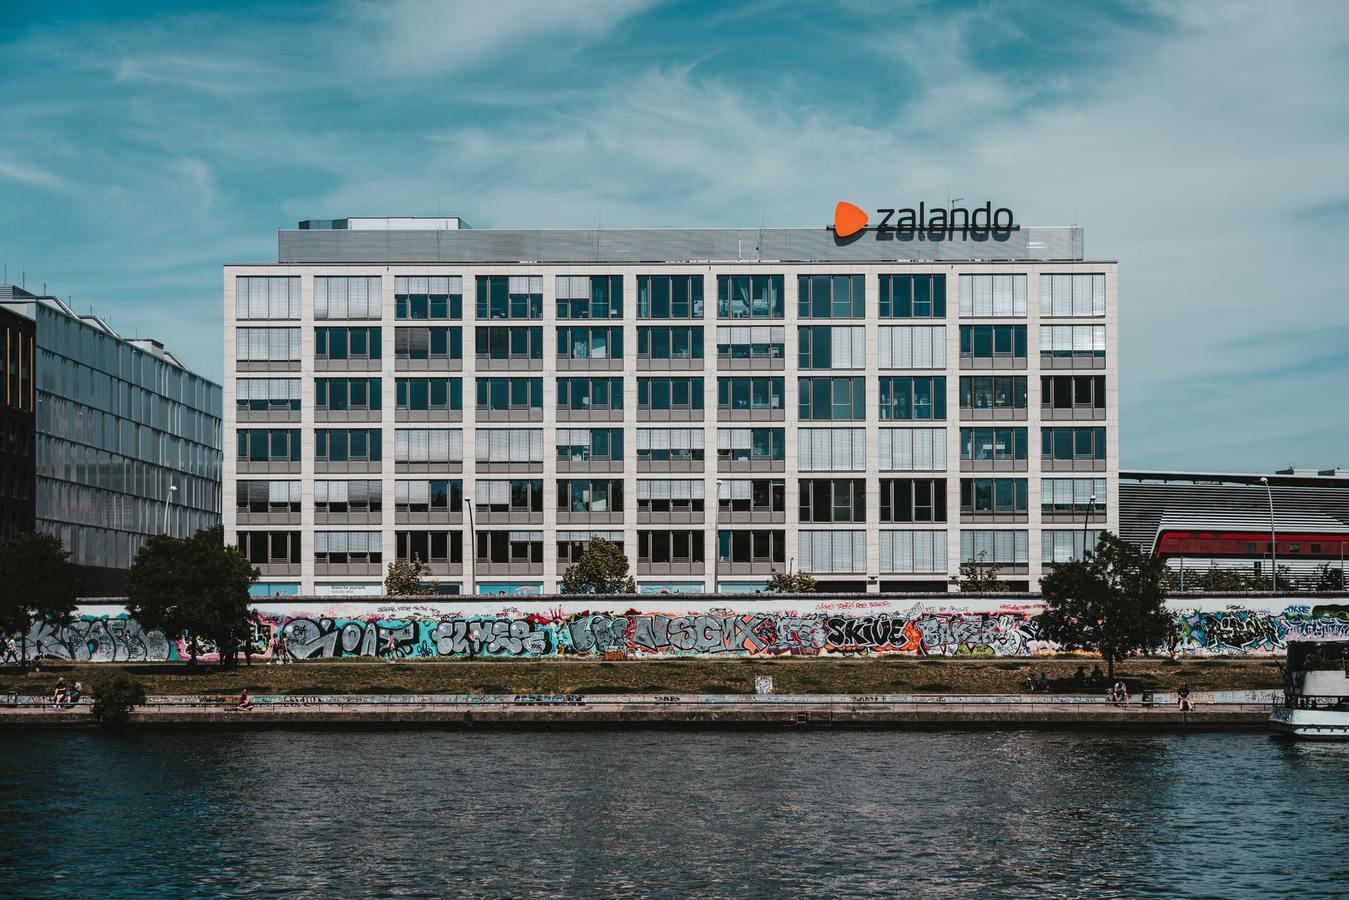 Escritório do Zalando em Berlim